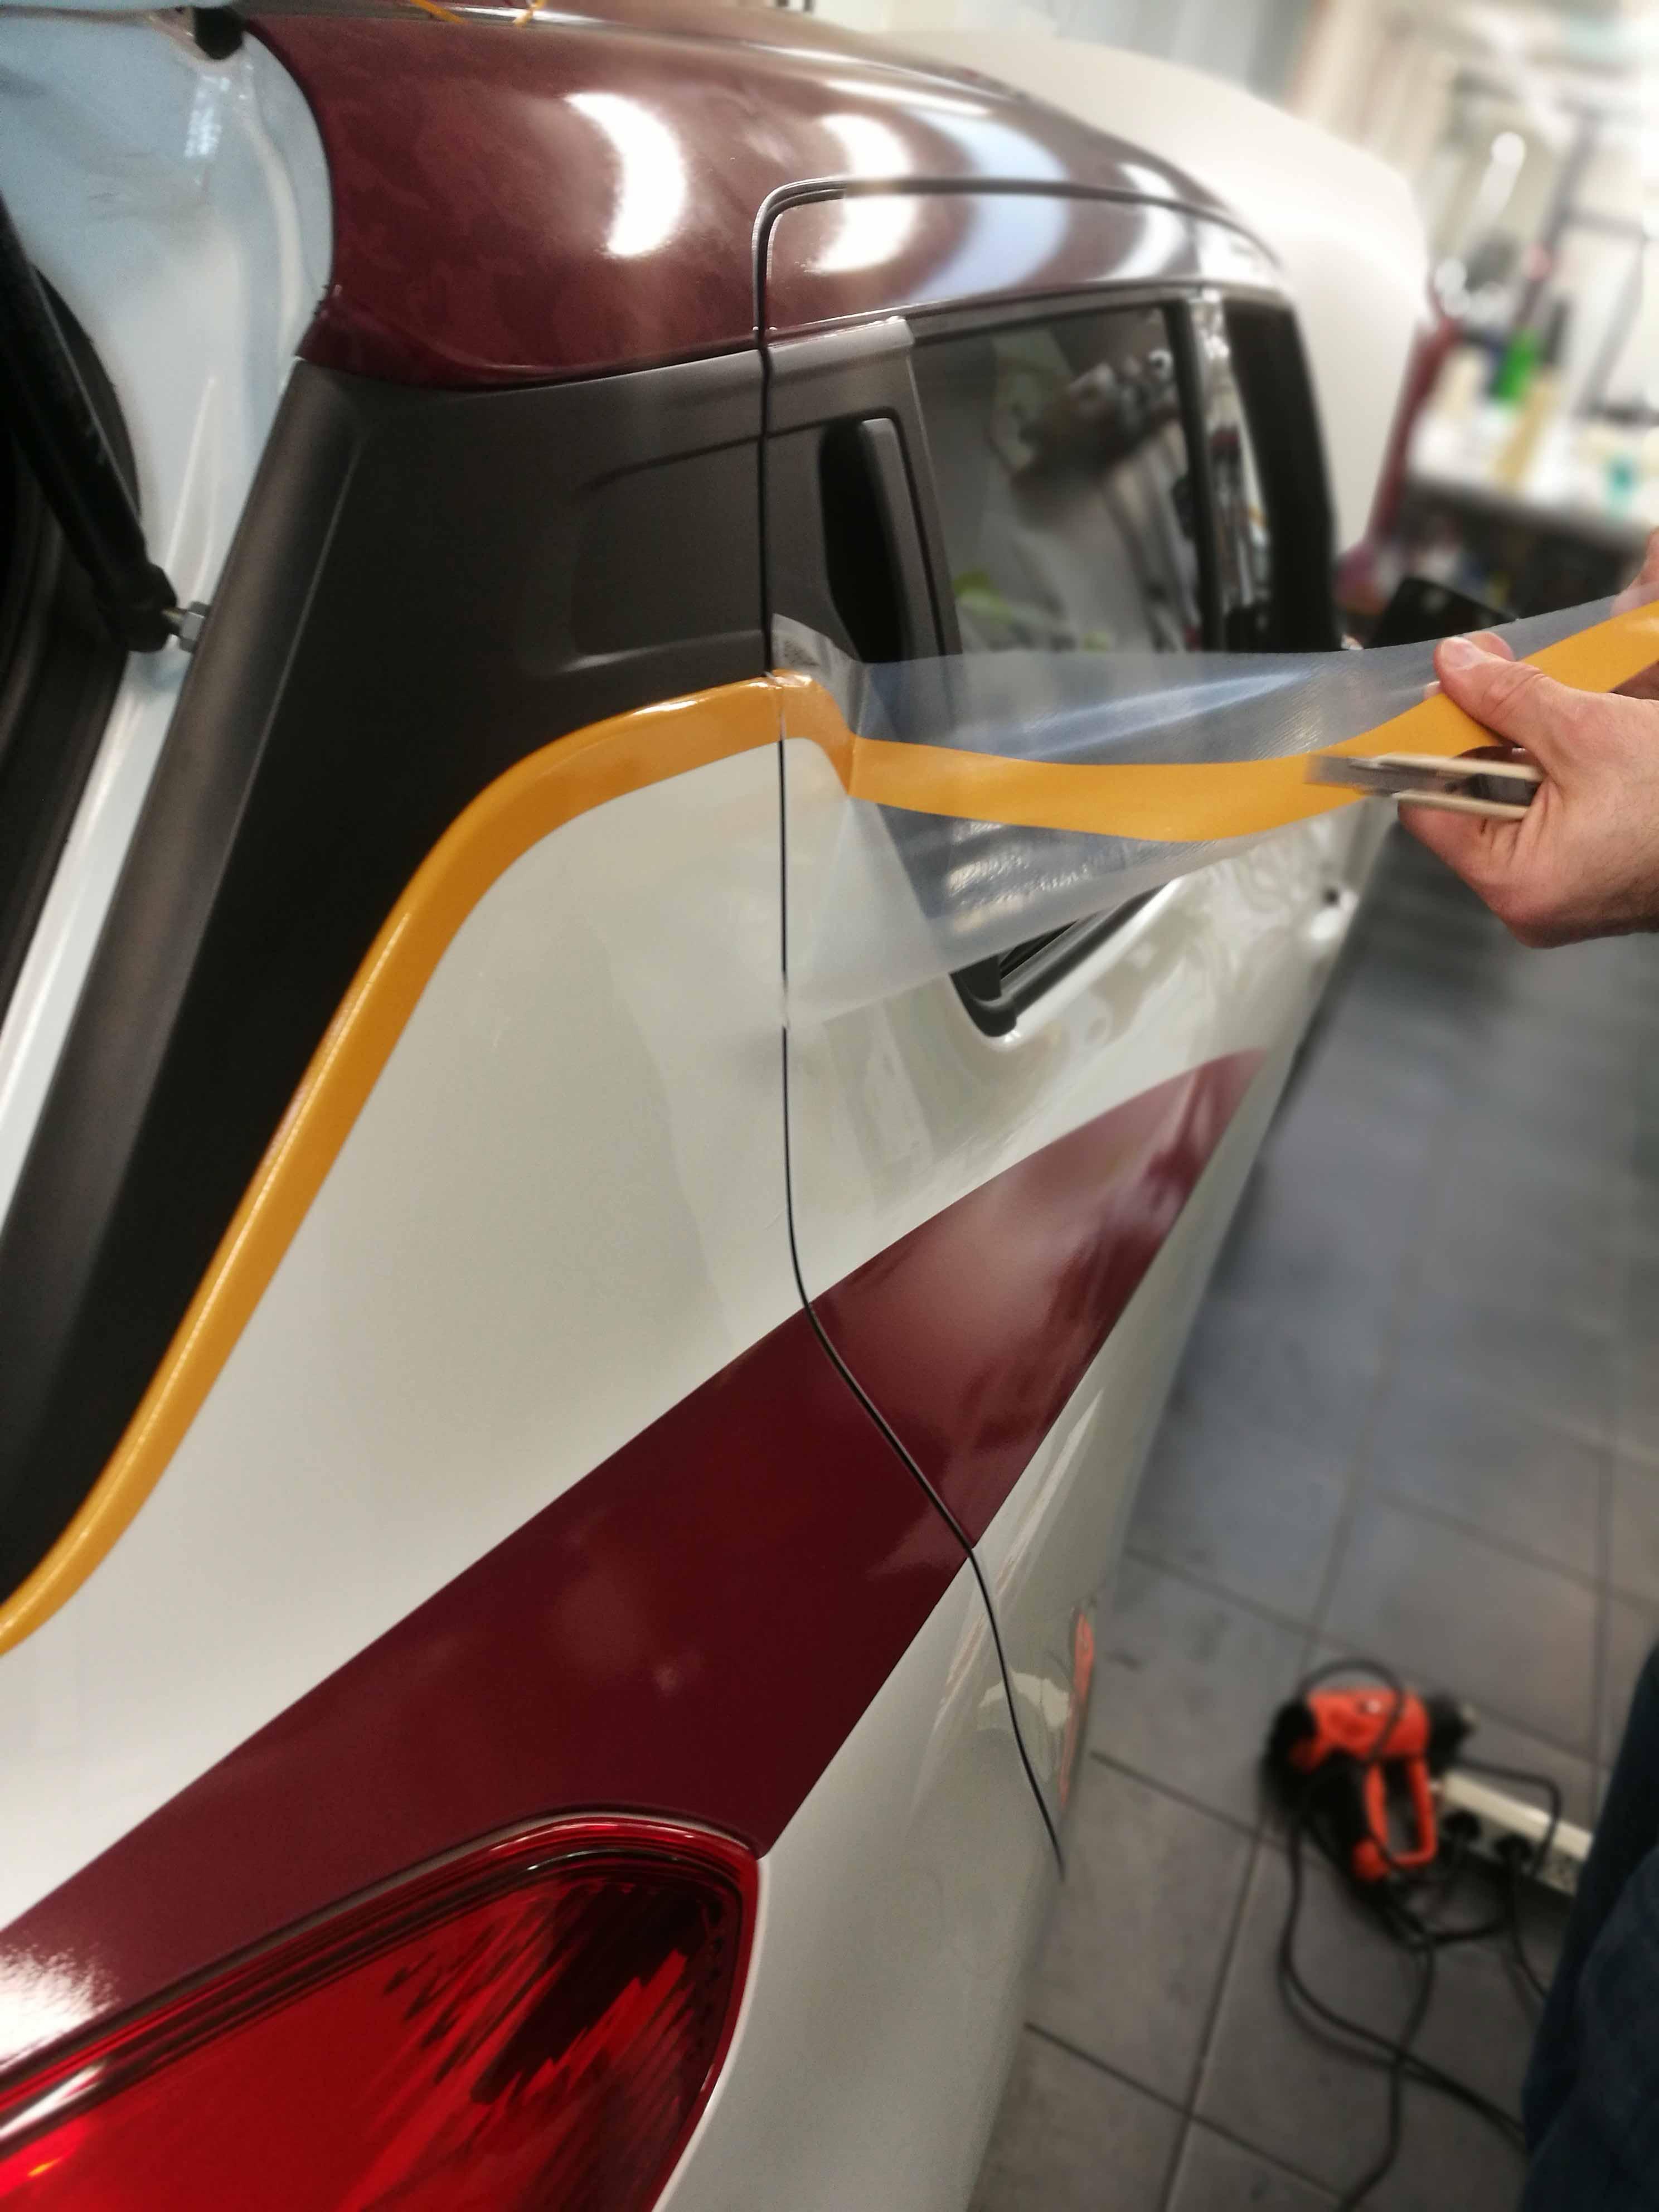 Rifinitura particolari Suzuki Toro Edition, utilizzo di strisce gialle per risaltare il color granata del Toro.